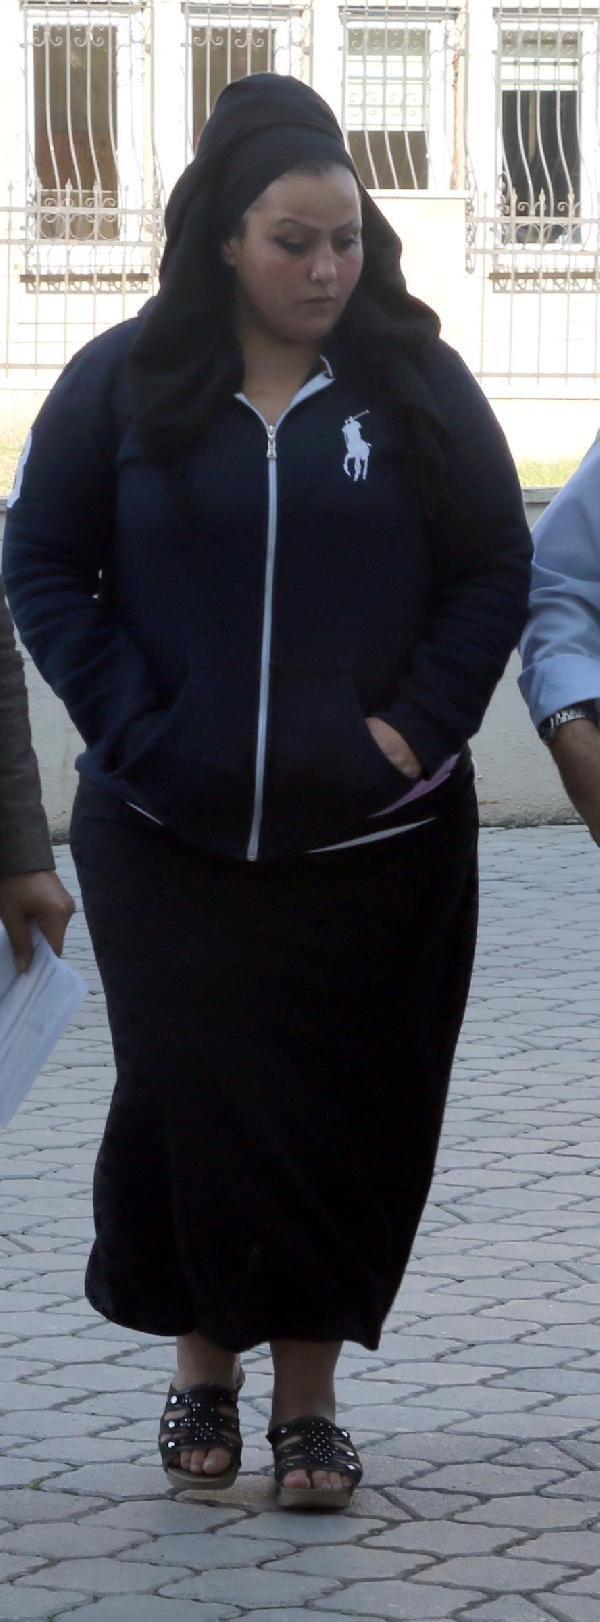 Samsun'da 20 Yaşındaki Genci Kız Arkadaşı Bıçakladı